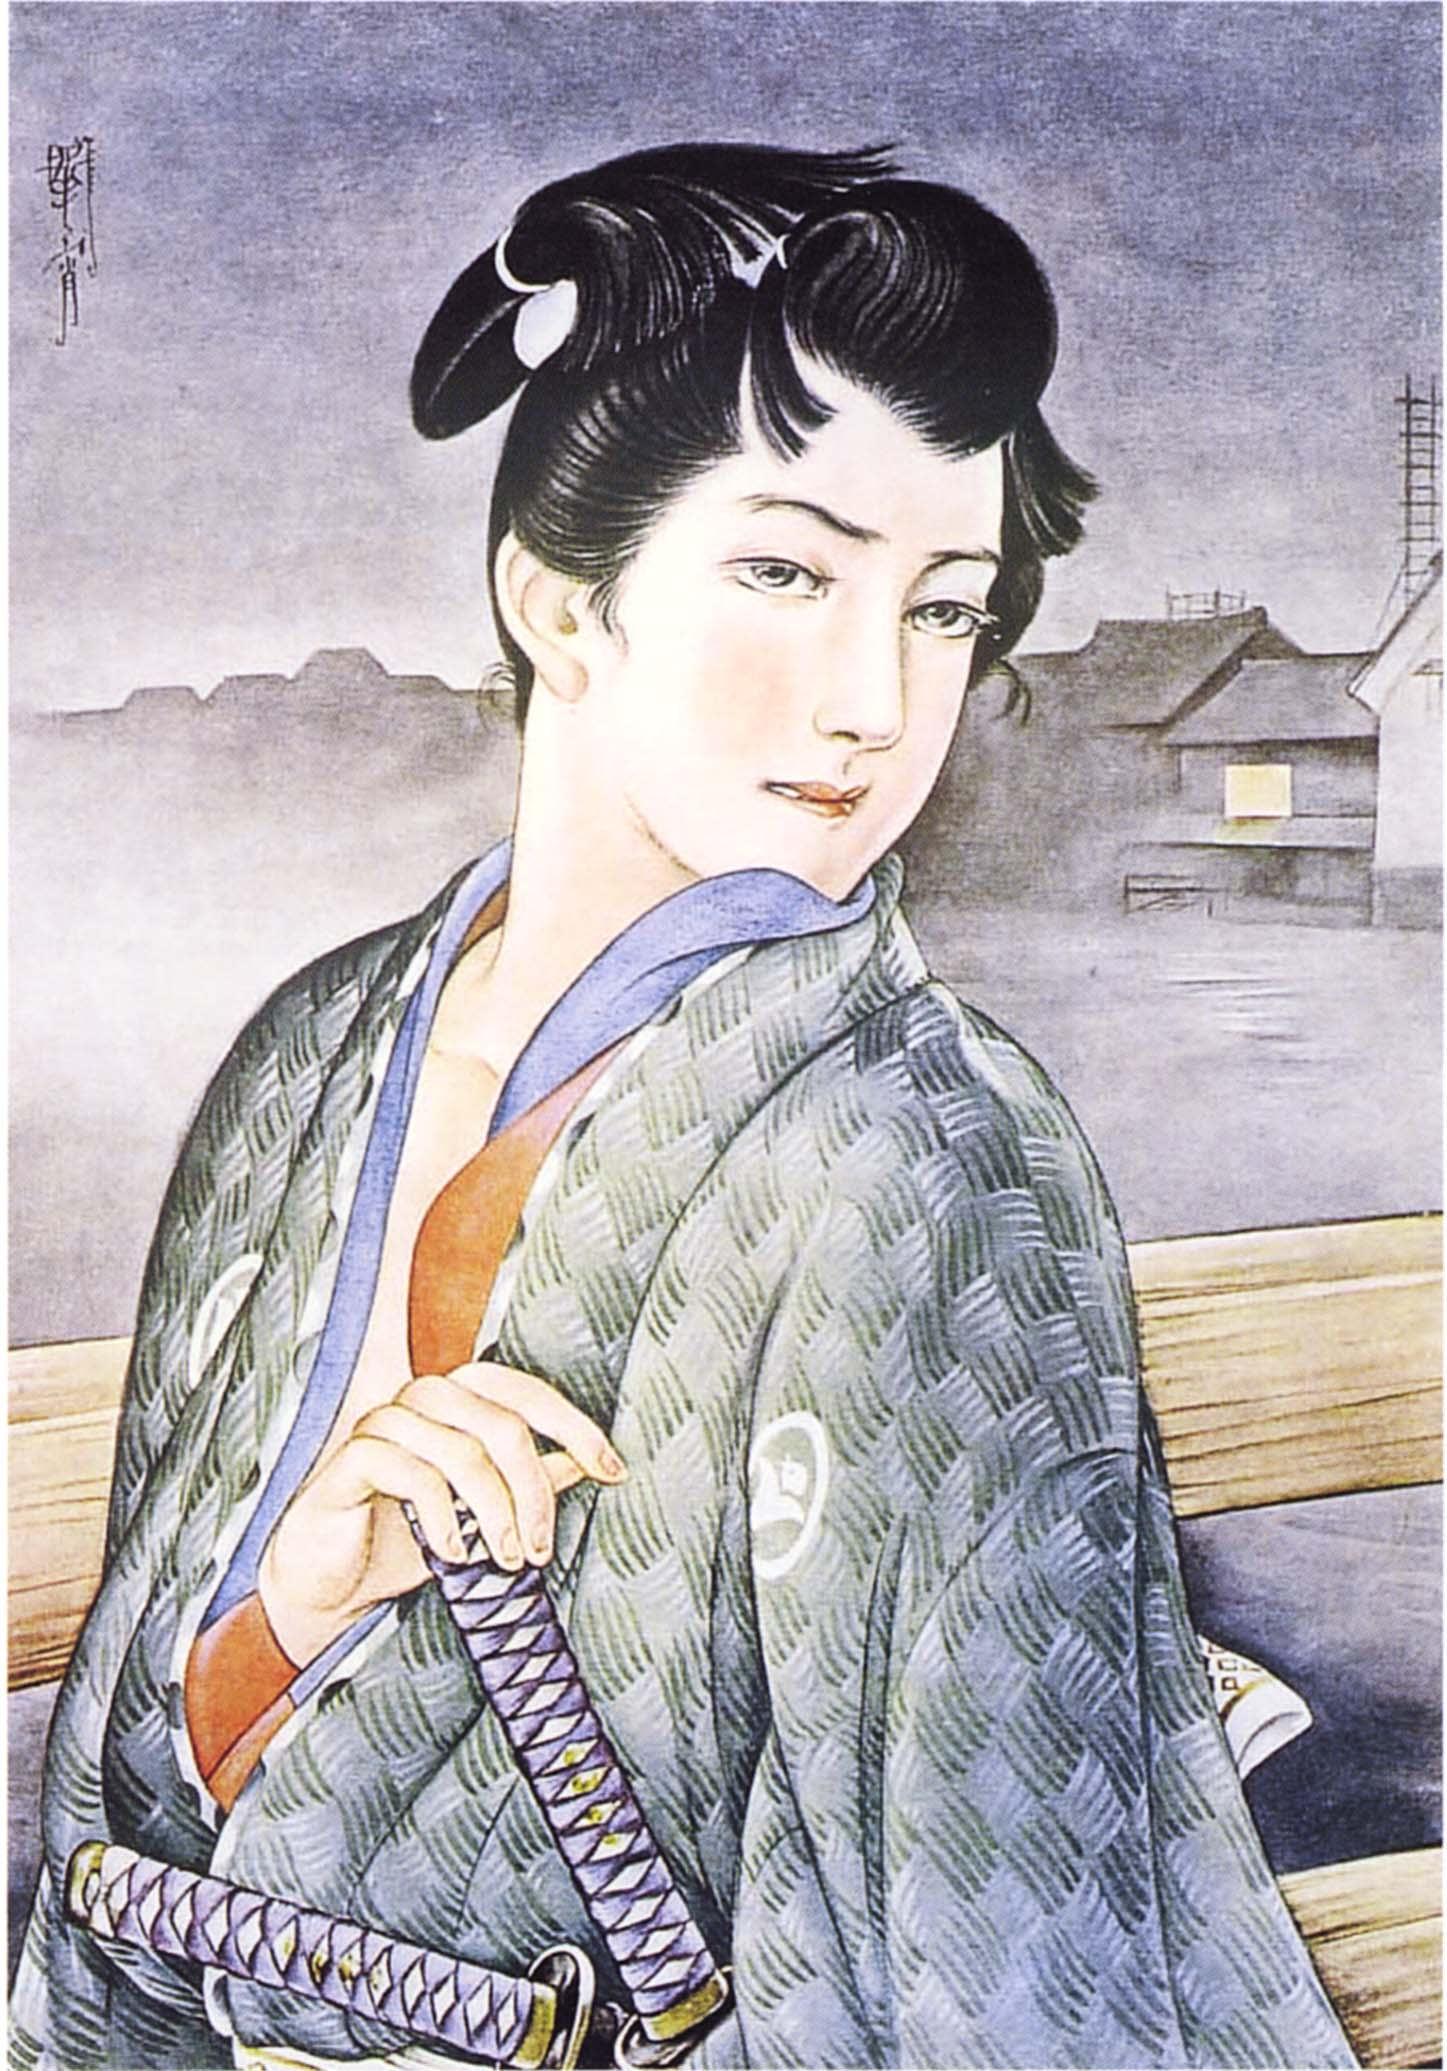 About Kashou Takebatake and Yumeji Takehisa